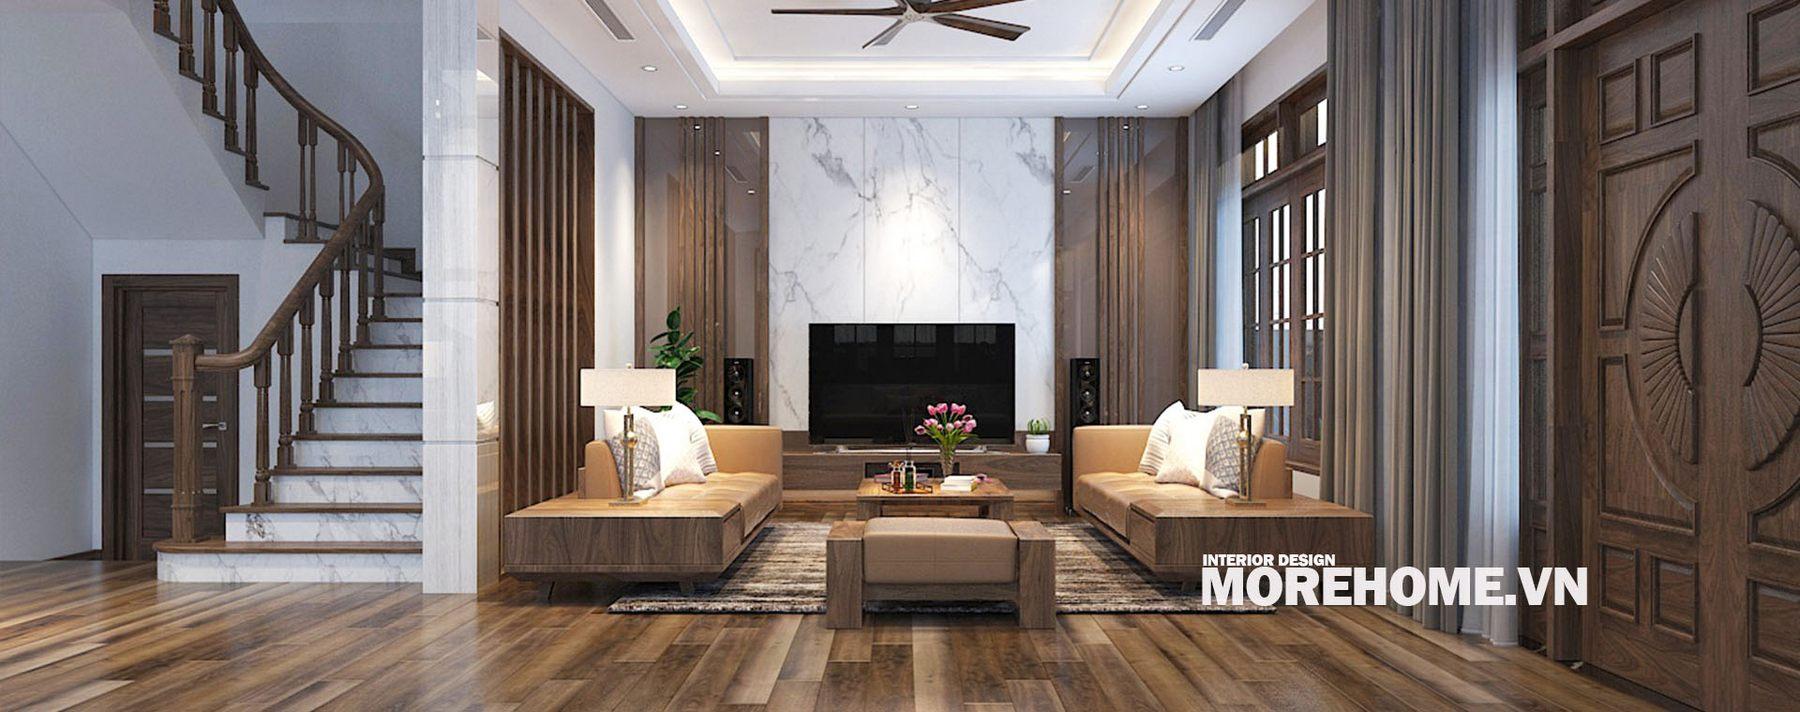 Thiết kế nội thất biệt thự An Hưng Hà Đông